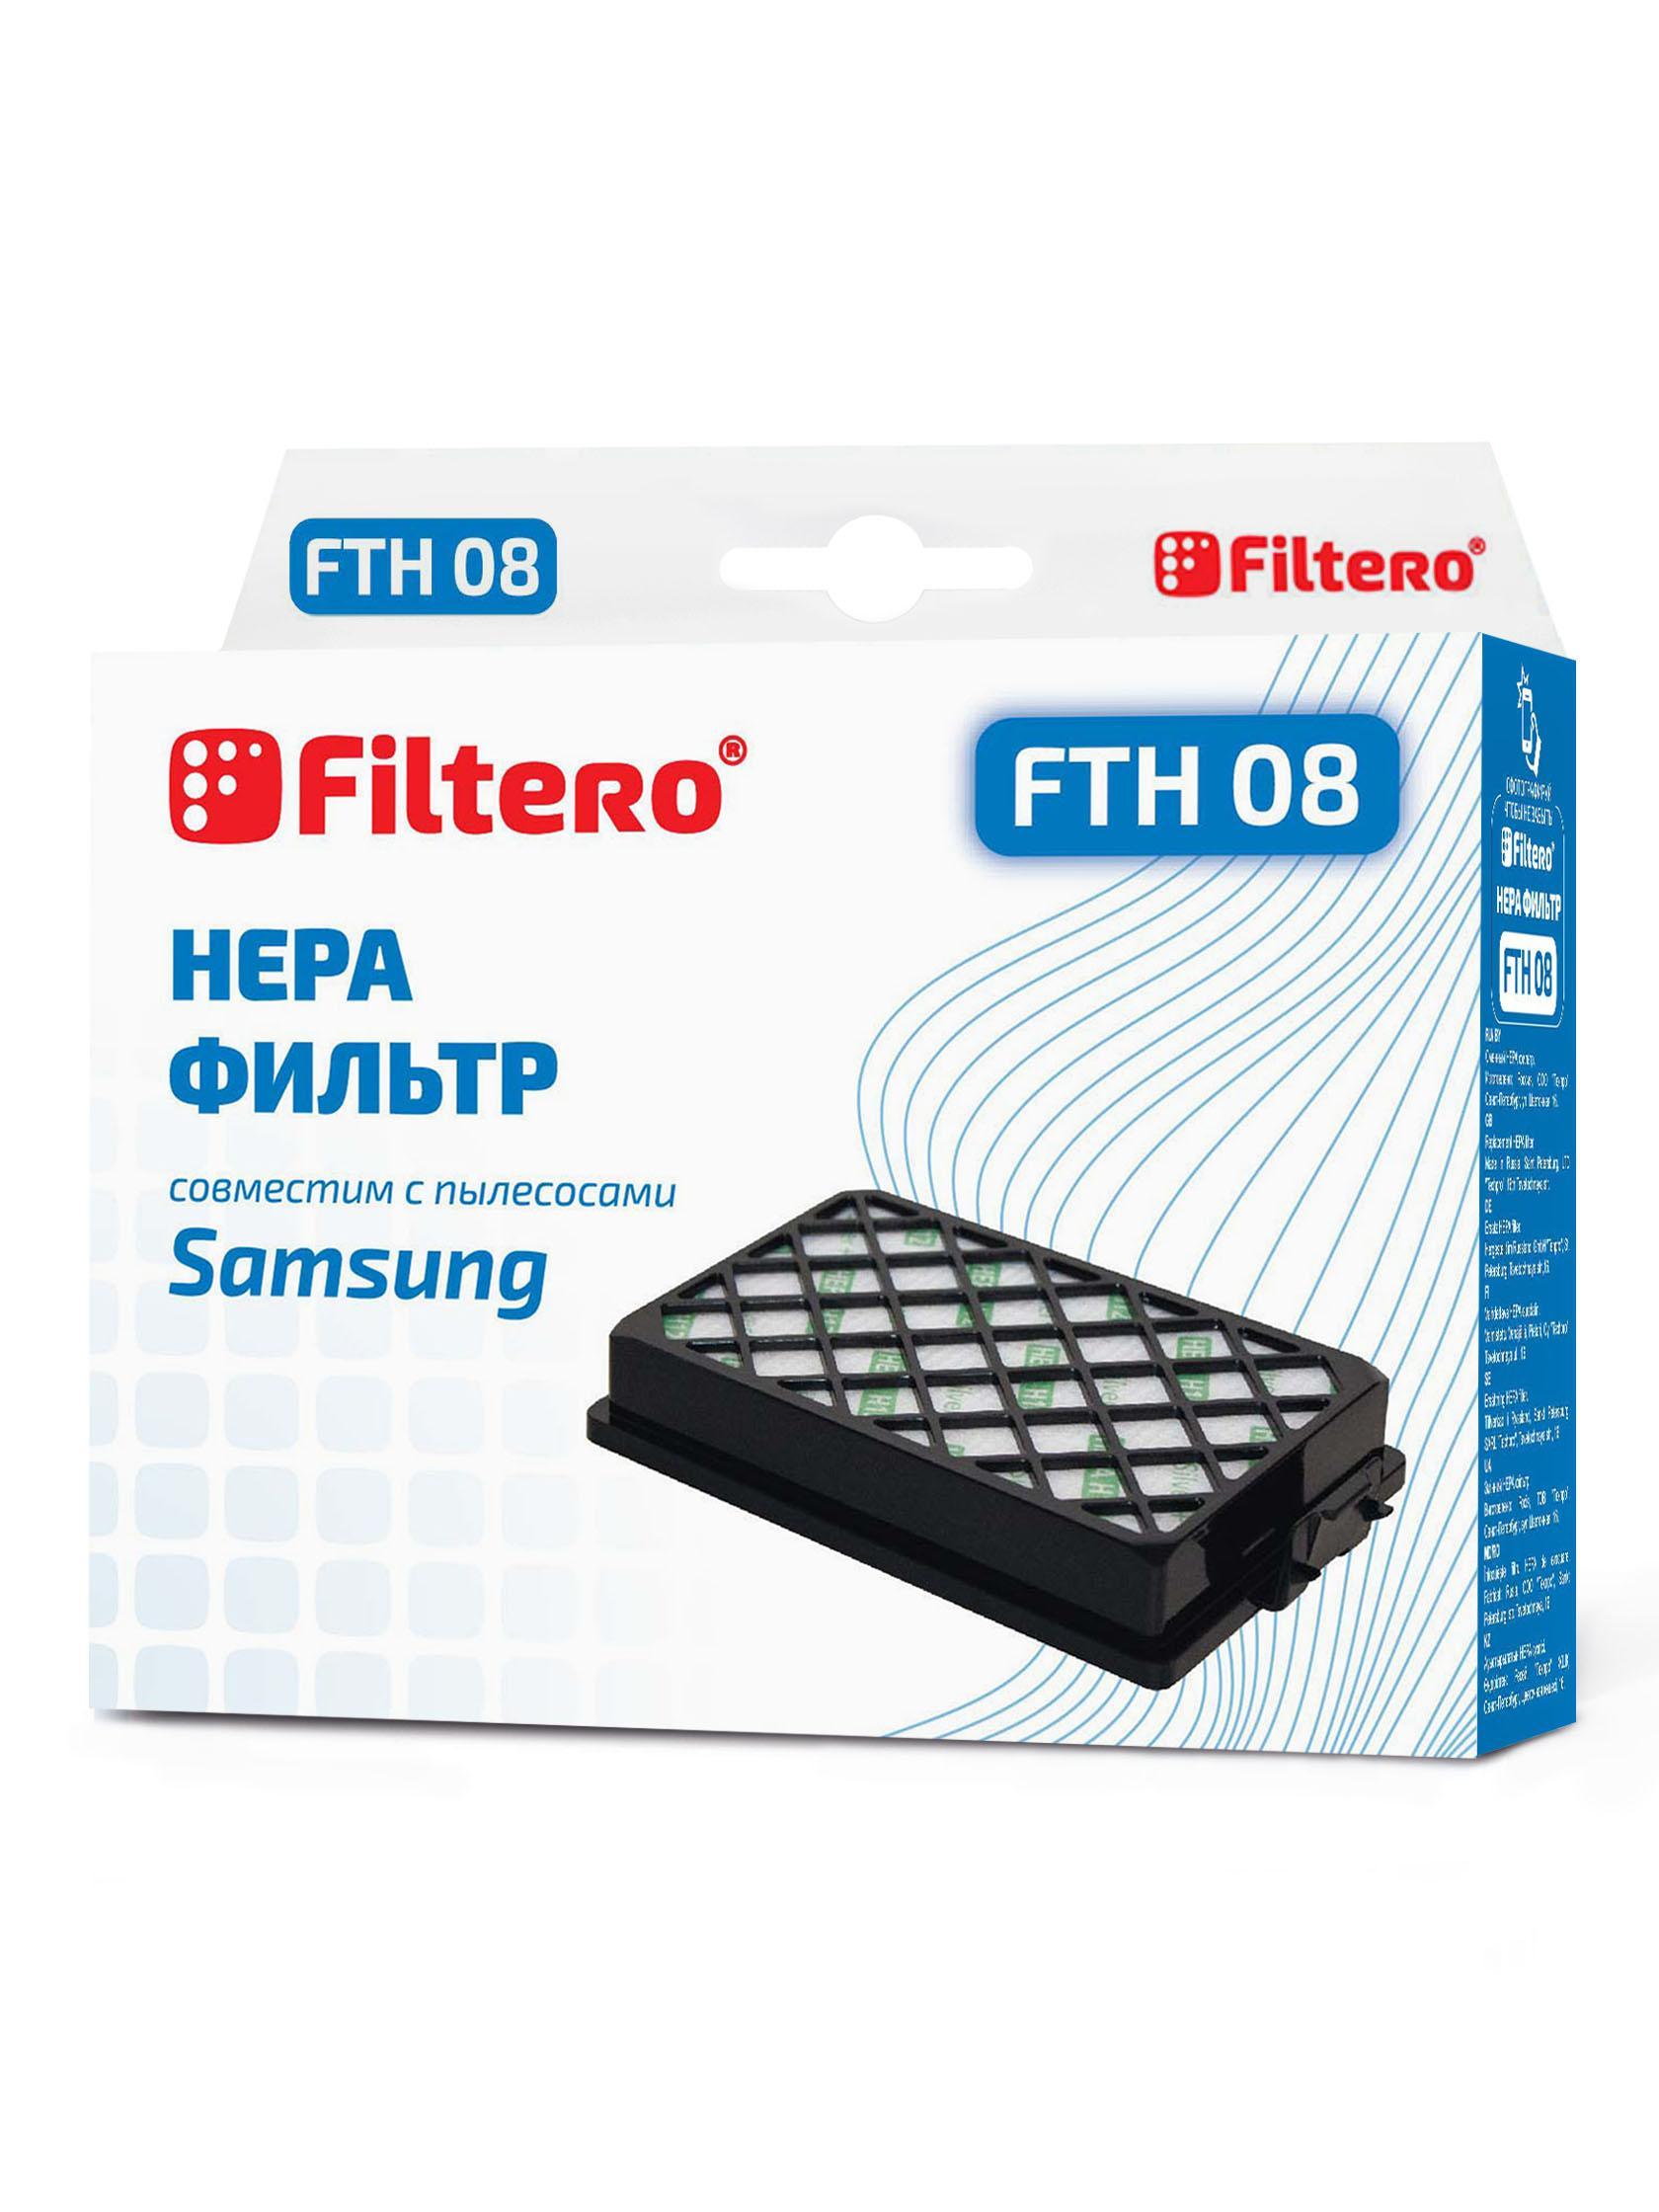 Фильтр Filtero Fth 08 sam фильтр filtero fth 07 sam hepa для пылес samsung